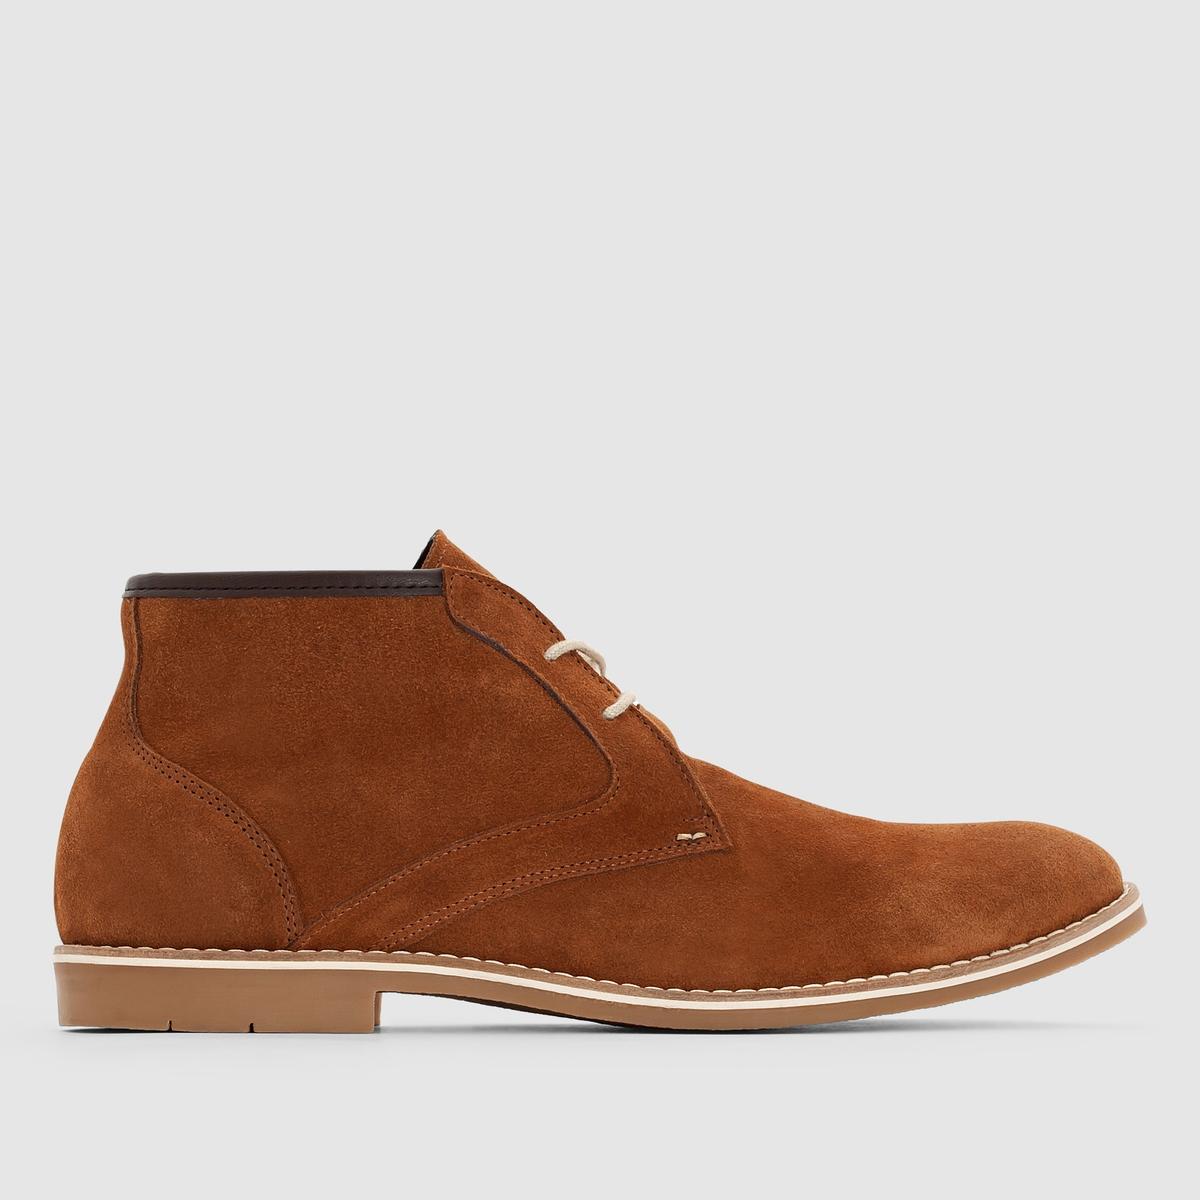 Ботинки кожаные на шнуровке.